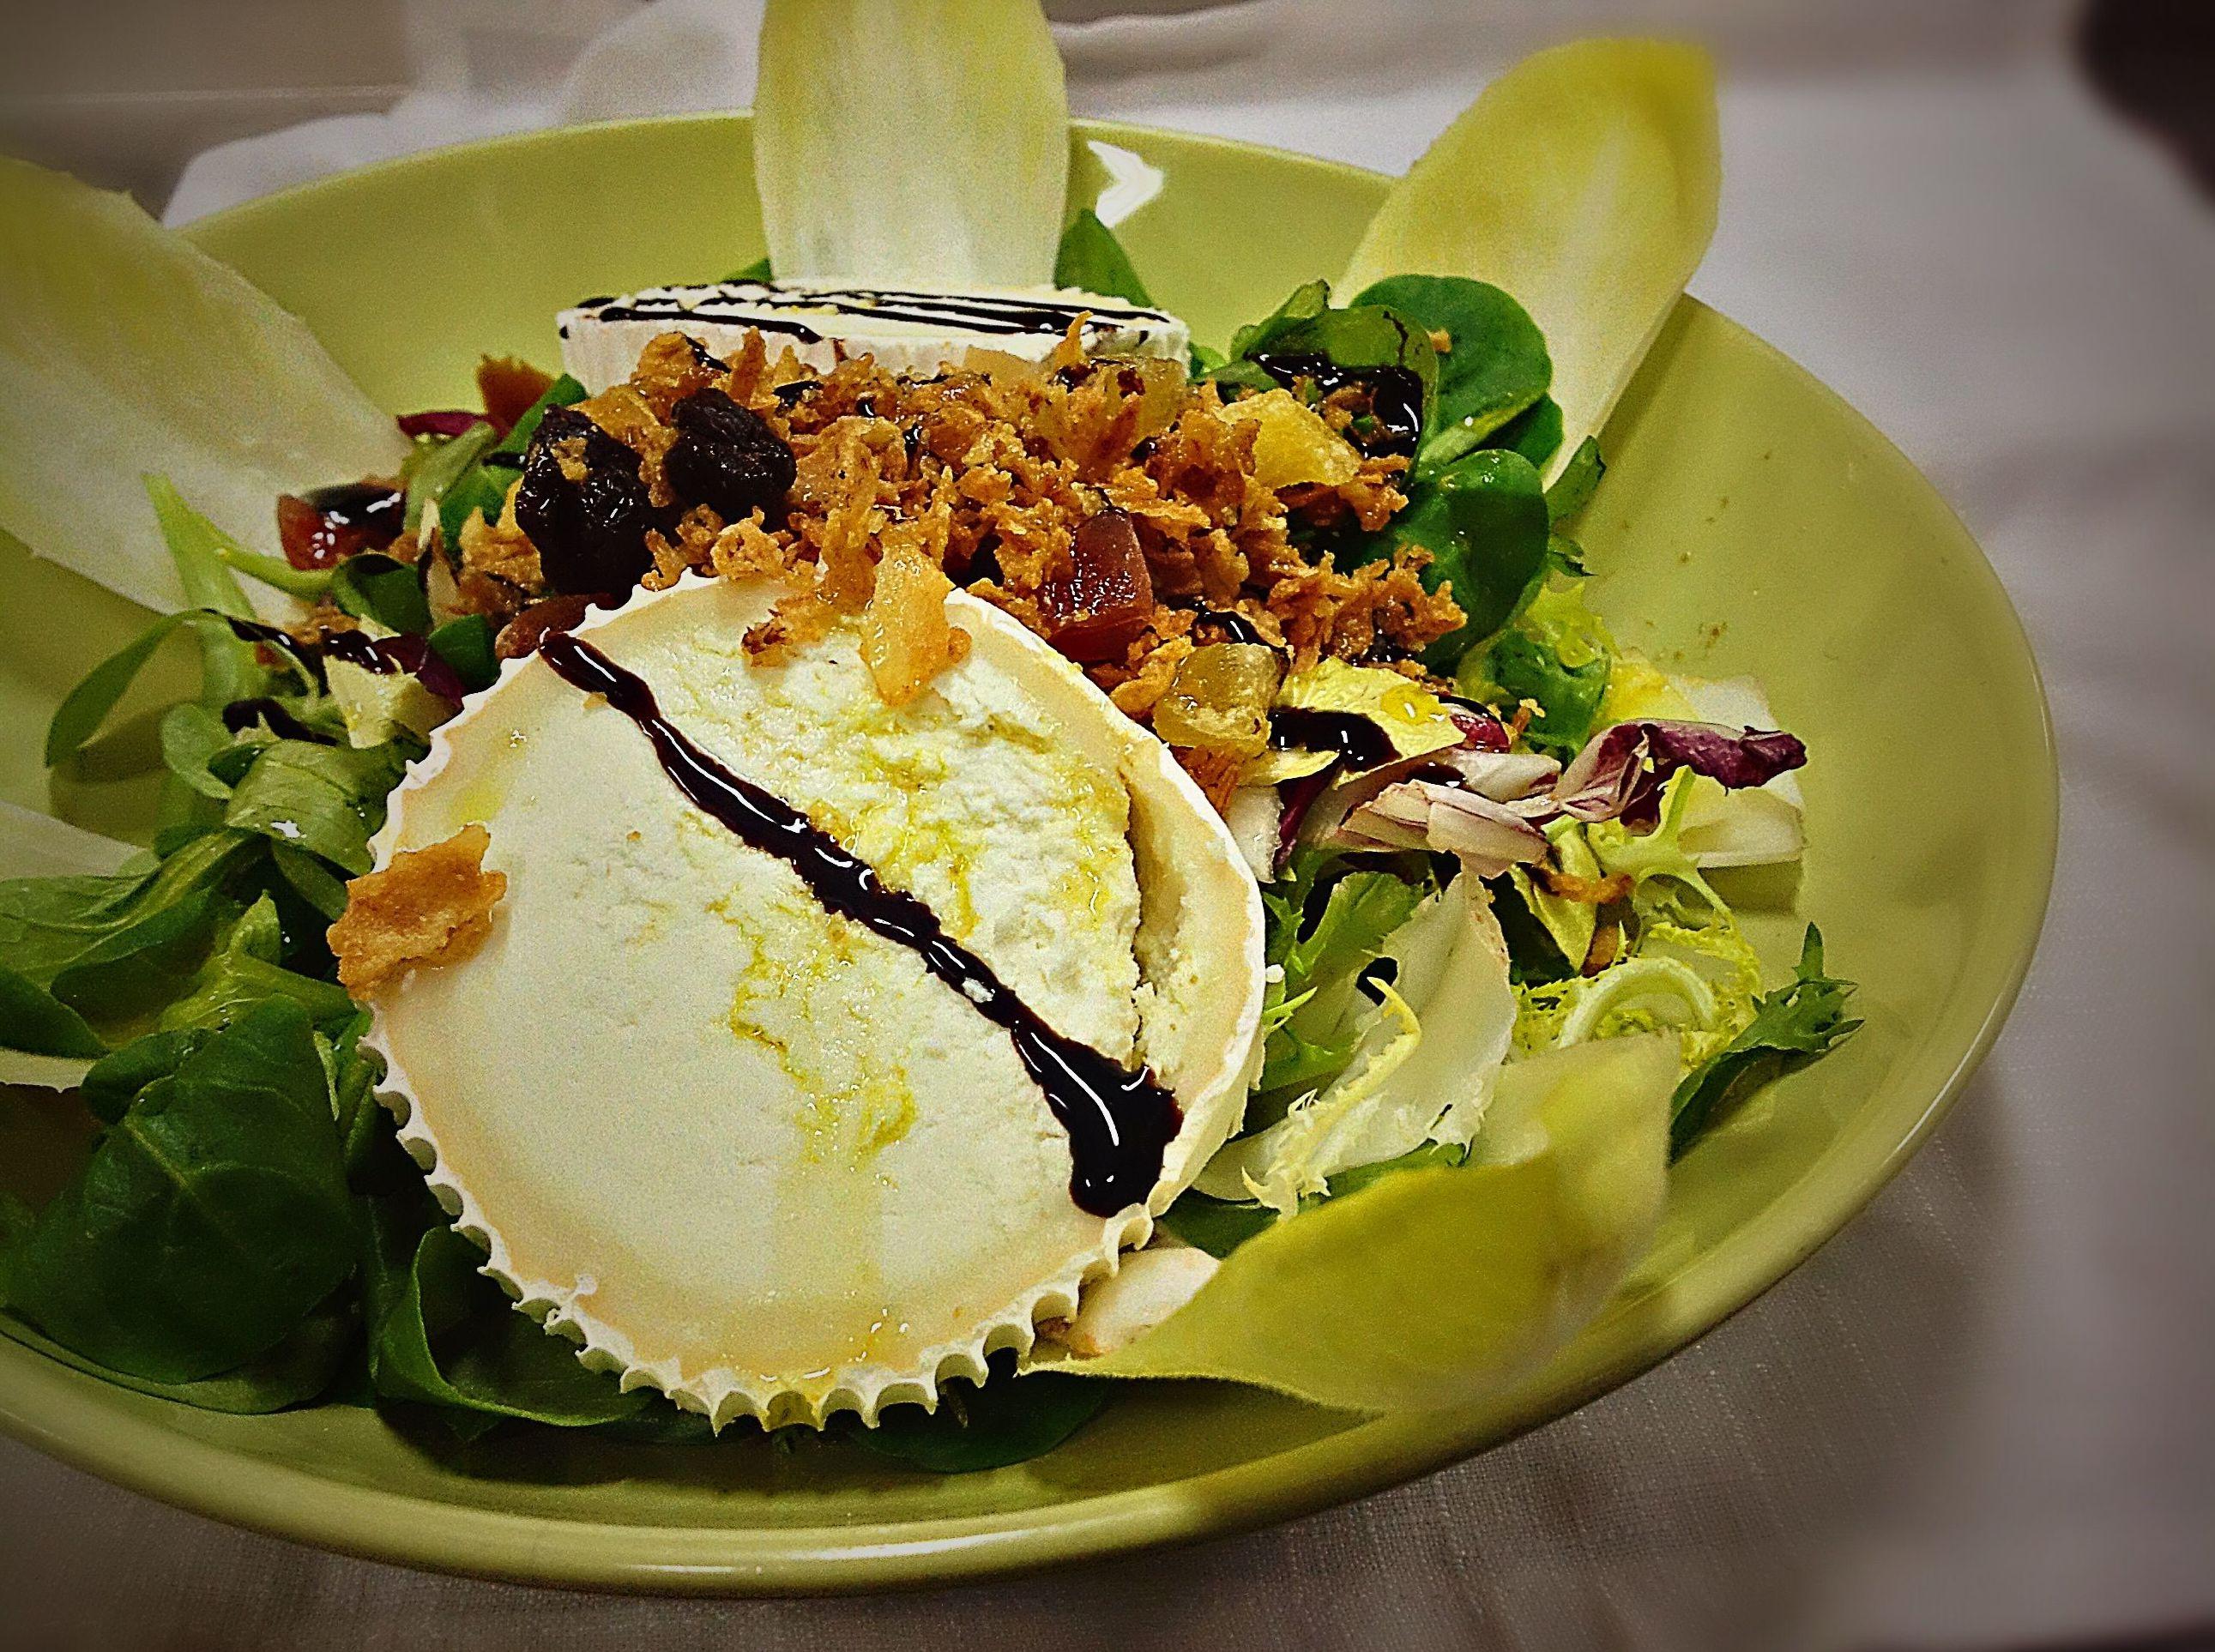 Foto 19 de Cocina gallega en Madrid | Restaurante Rías Bajas Clara del Rey